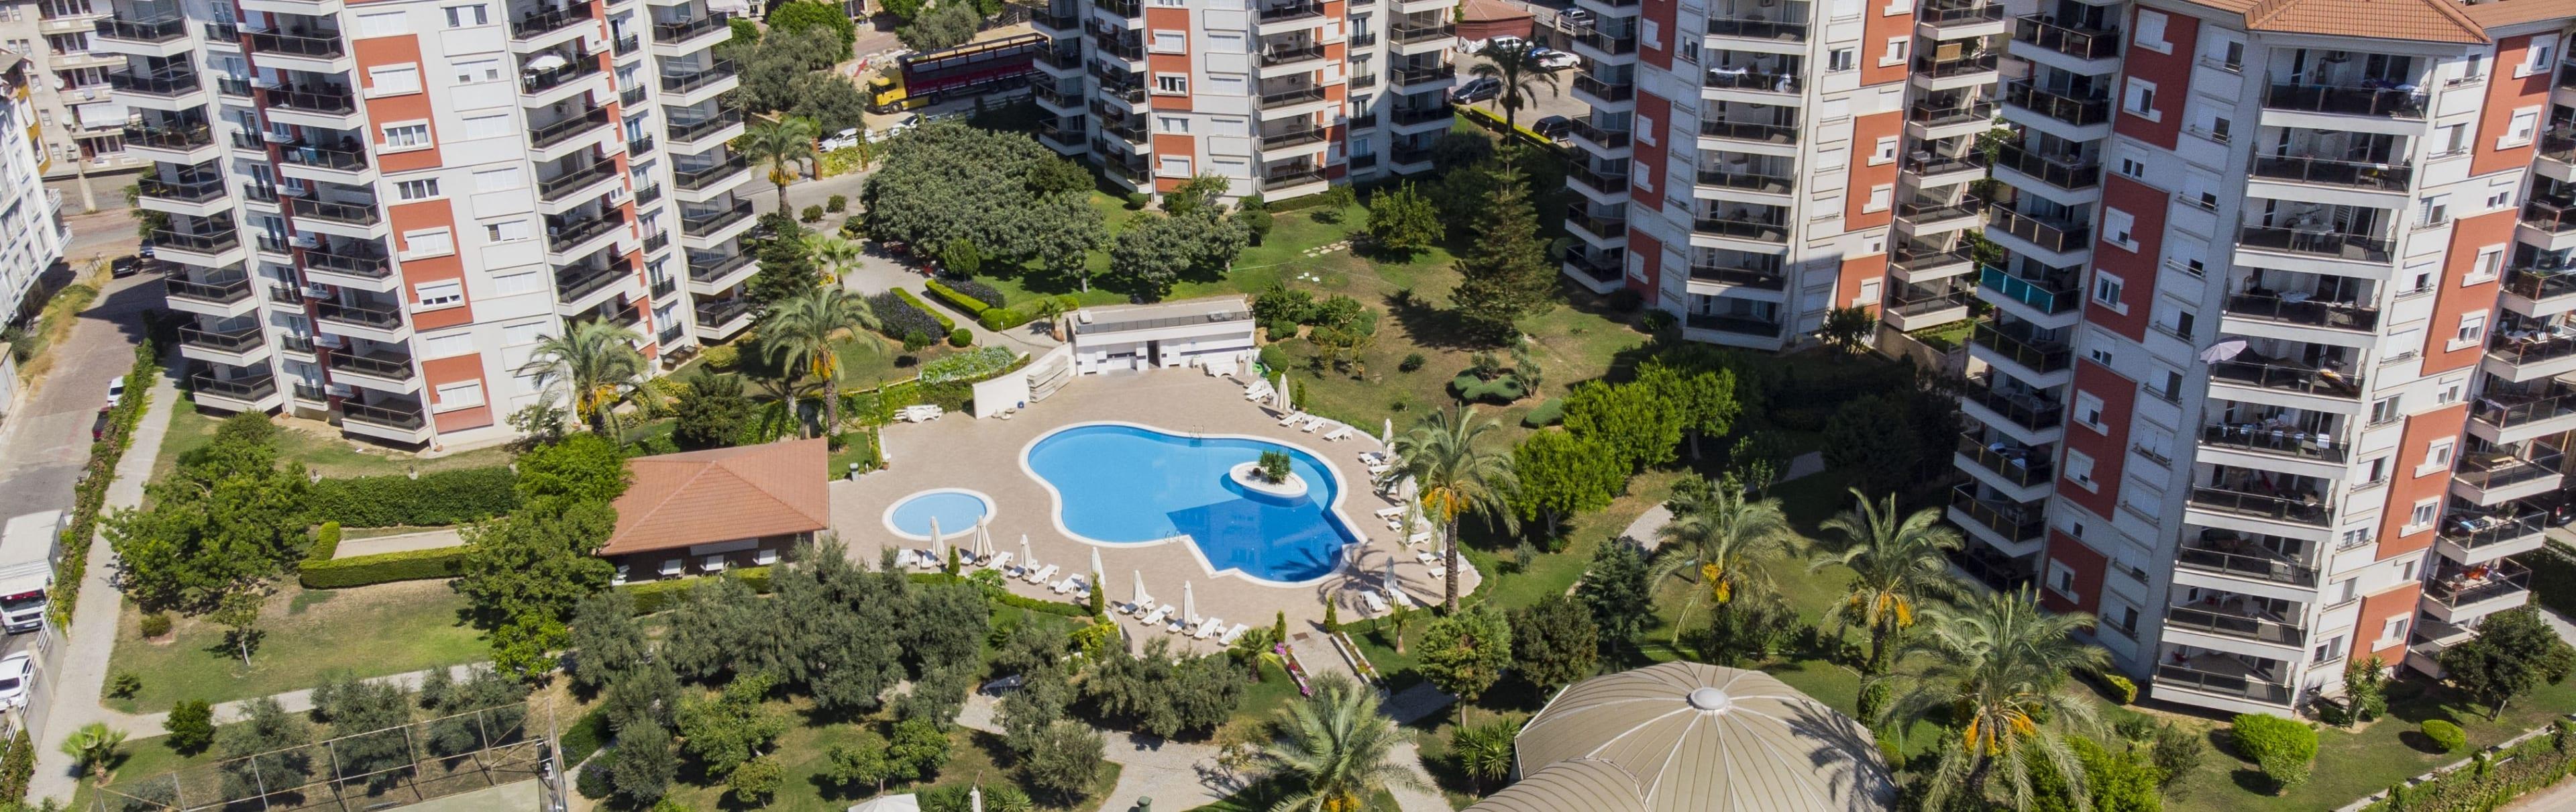 Alanya Park Garden view